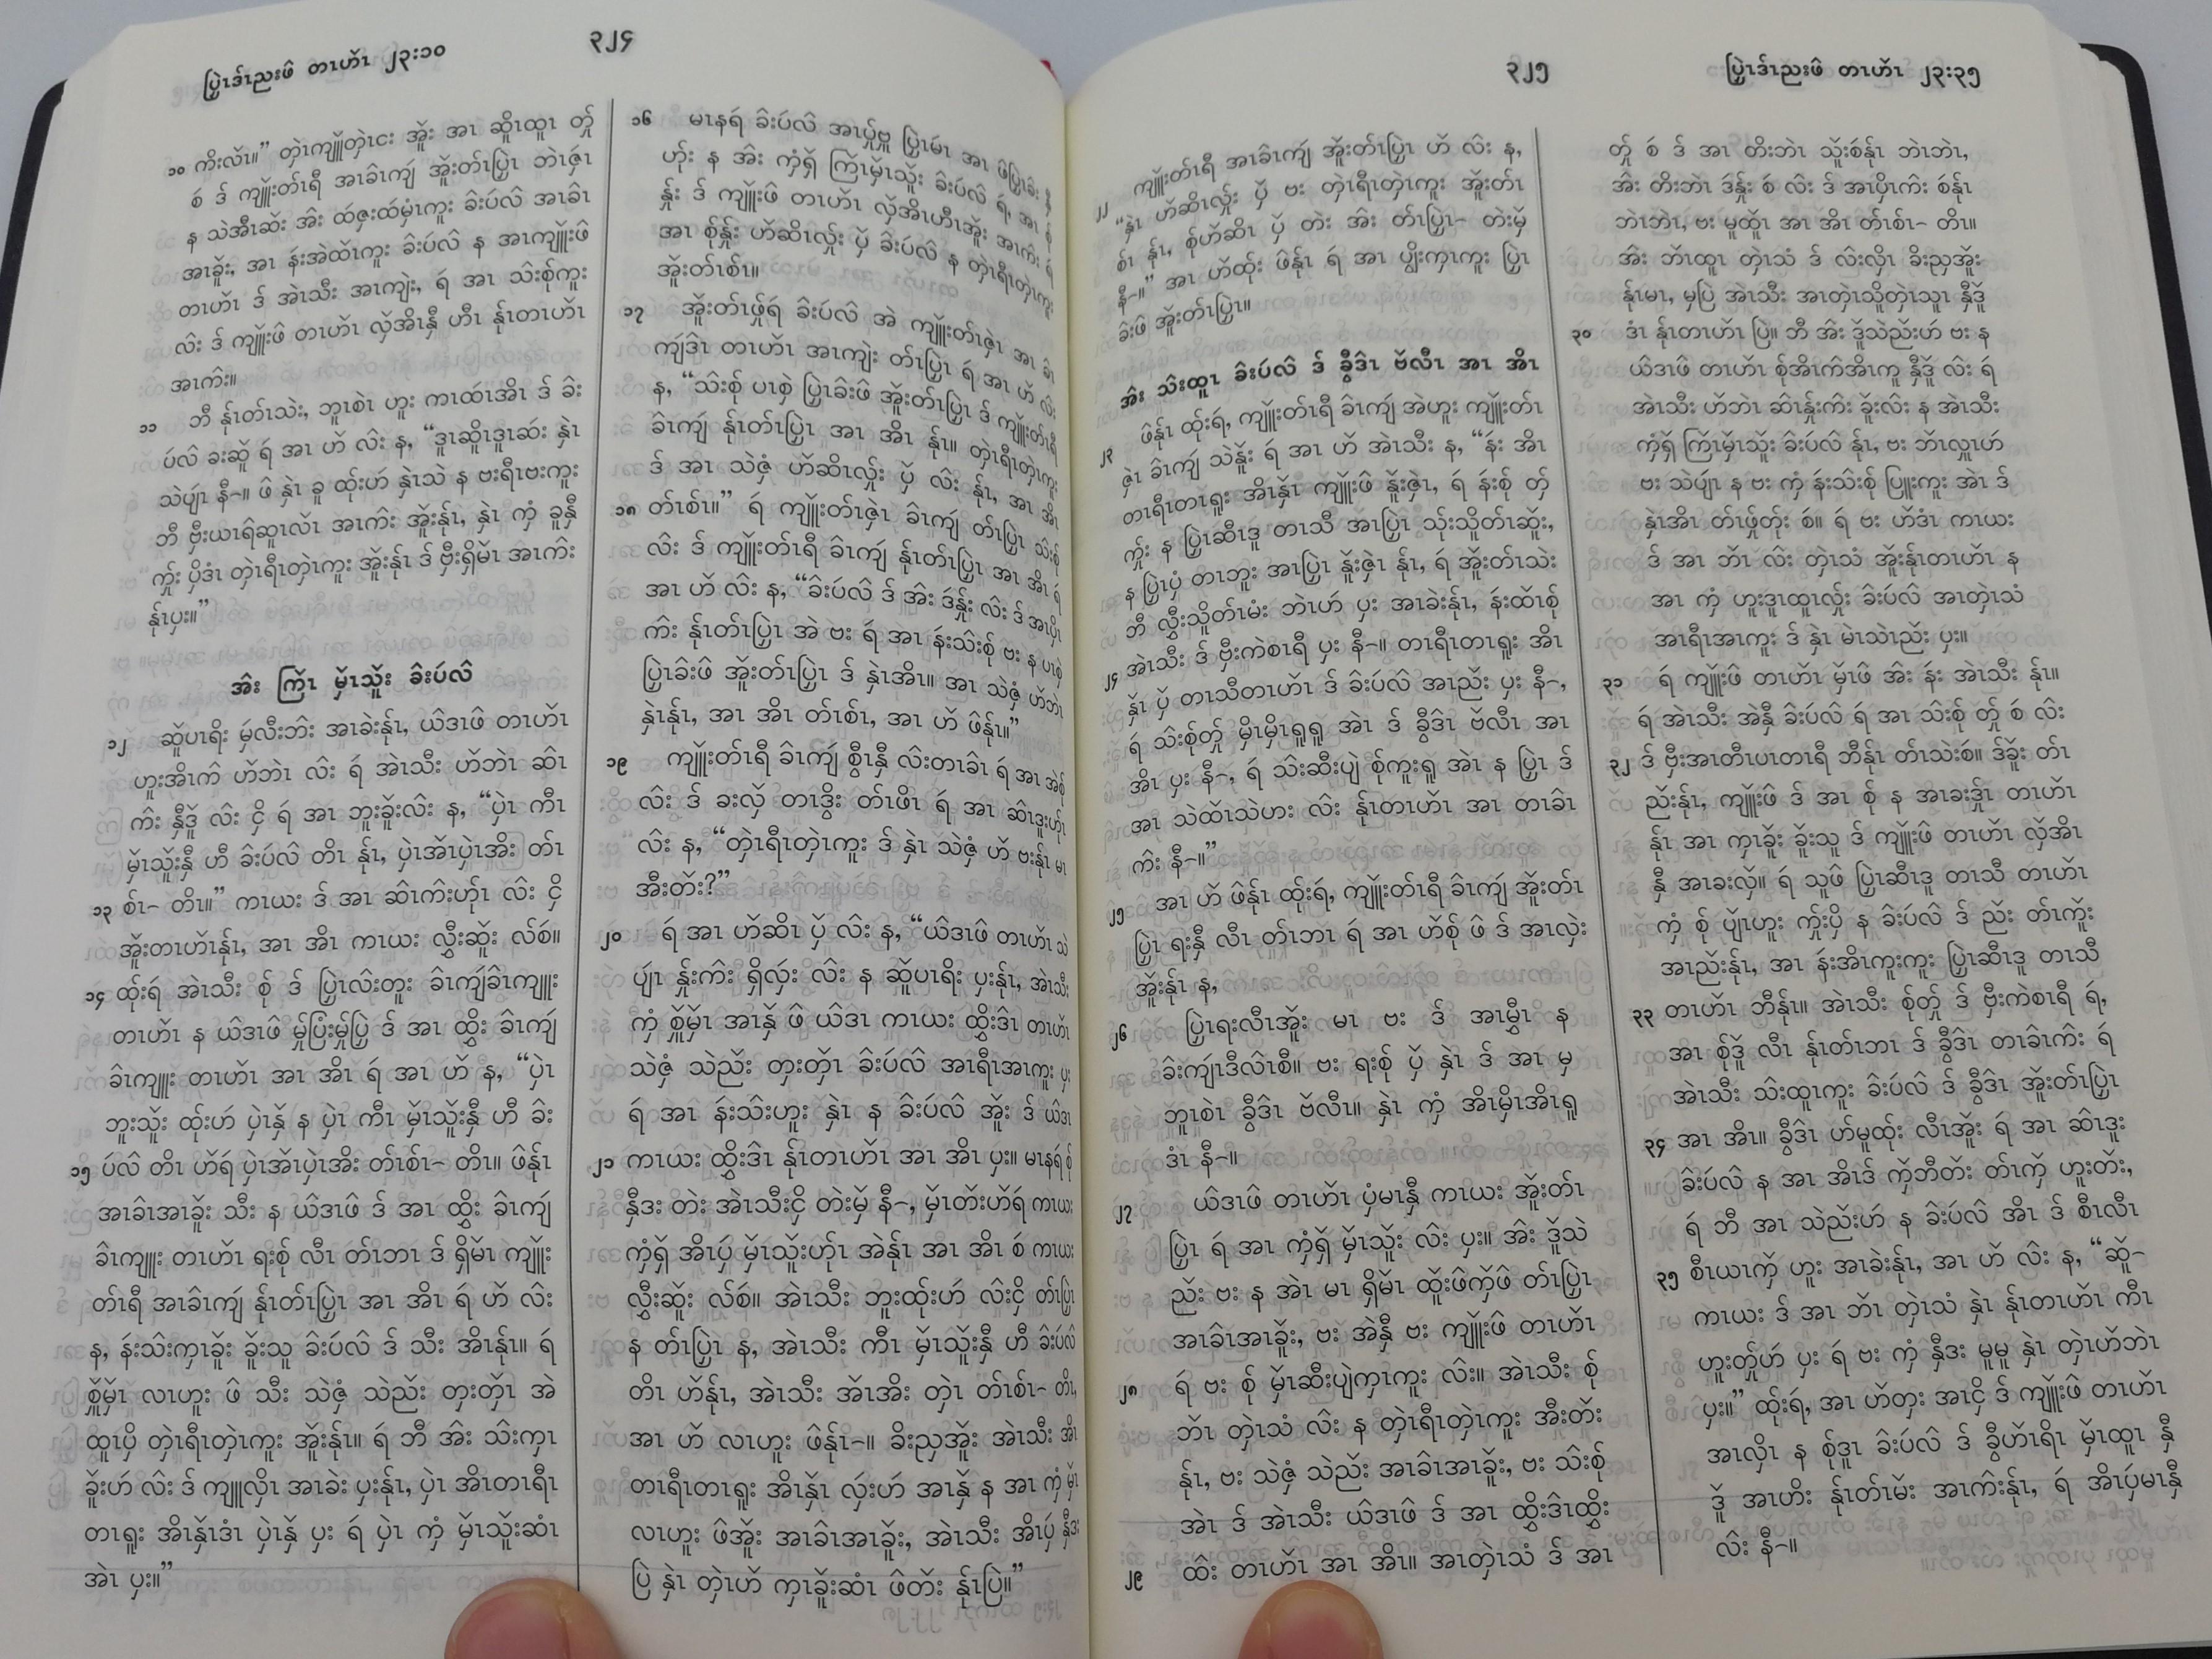 kayah-language-new-testament-9.jpg